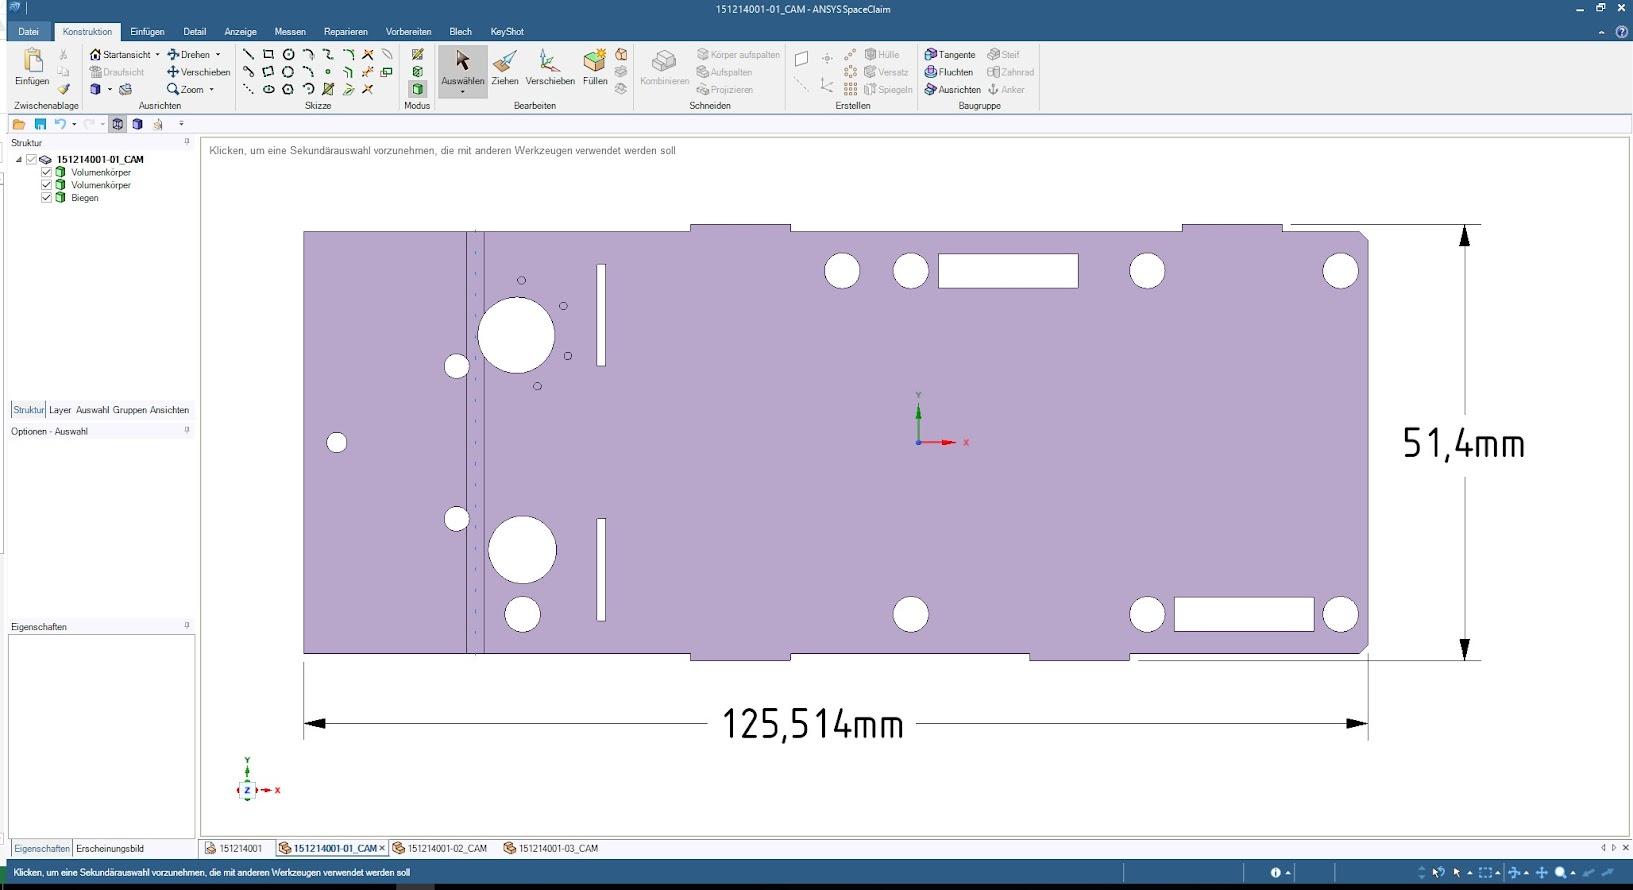 Модель развёртки в ANSYS SpaceClaim. Настраиваемые таблицы сгибов в SpaceClaim помогают задавать удлинение на гиб и K-фактор, определяя таким образом размеры развёртки.